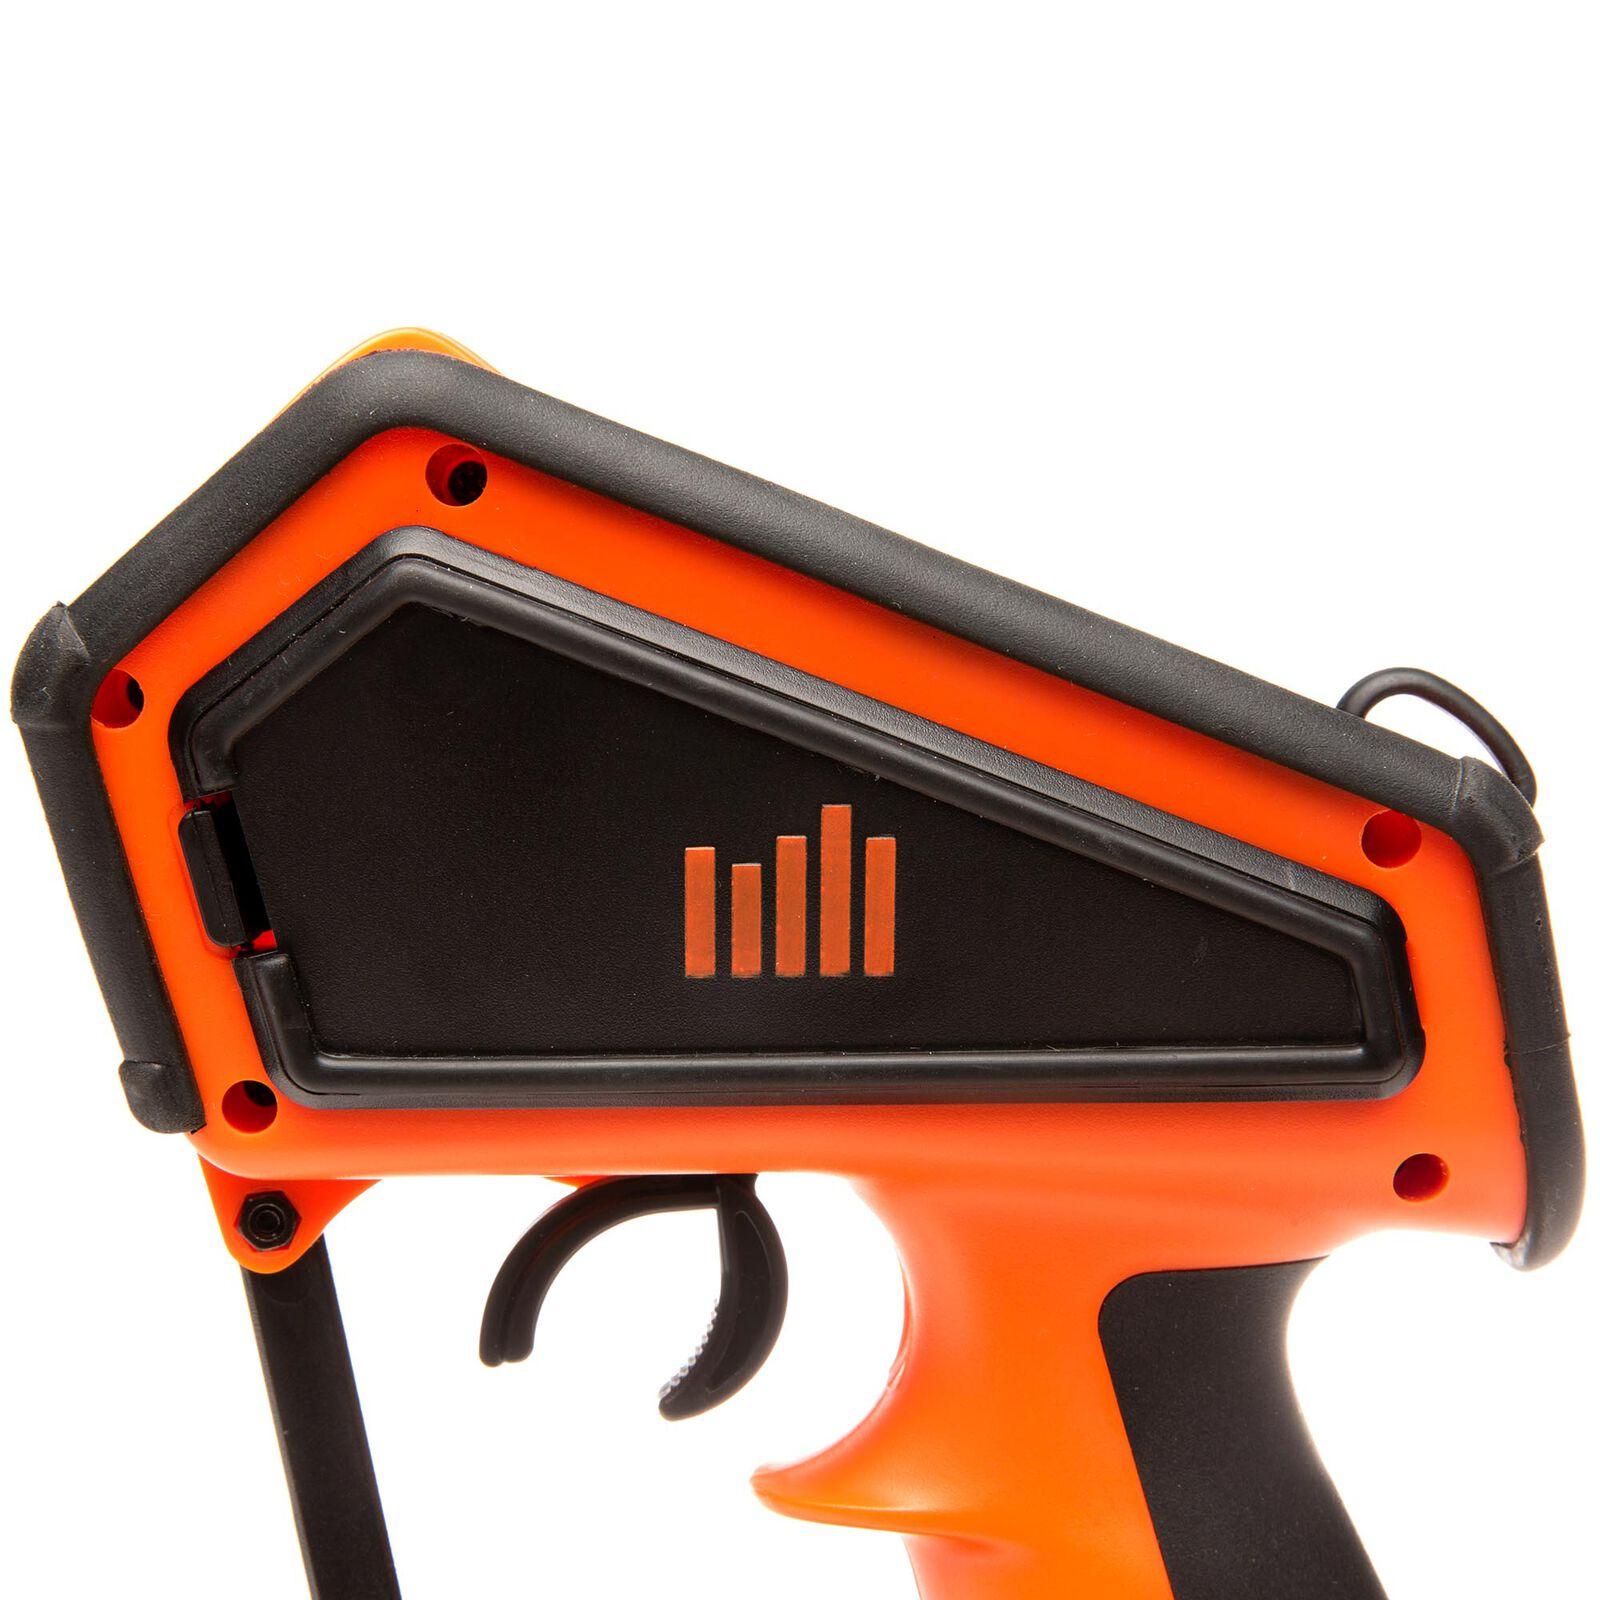 DX5 Rugged DSMR TX Only Intl, Orange